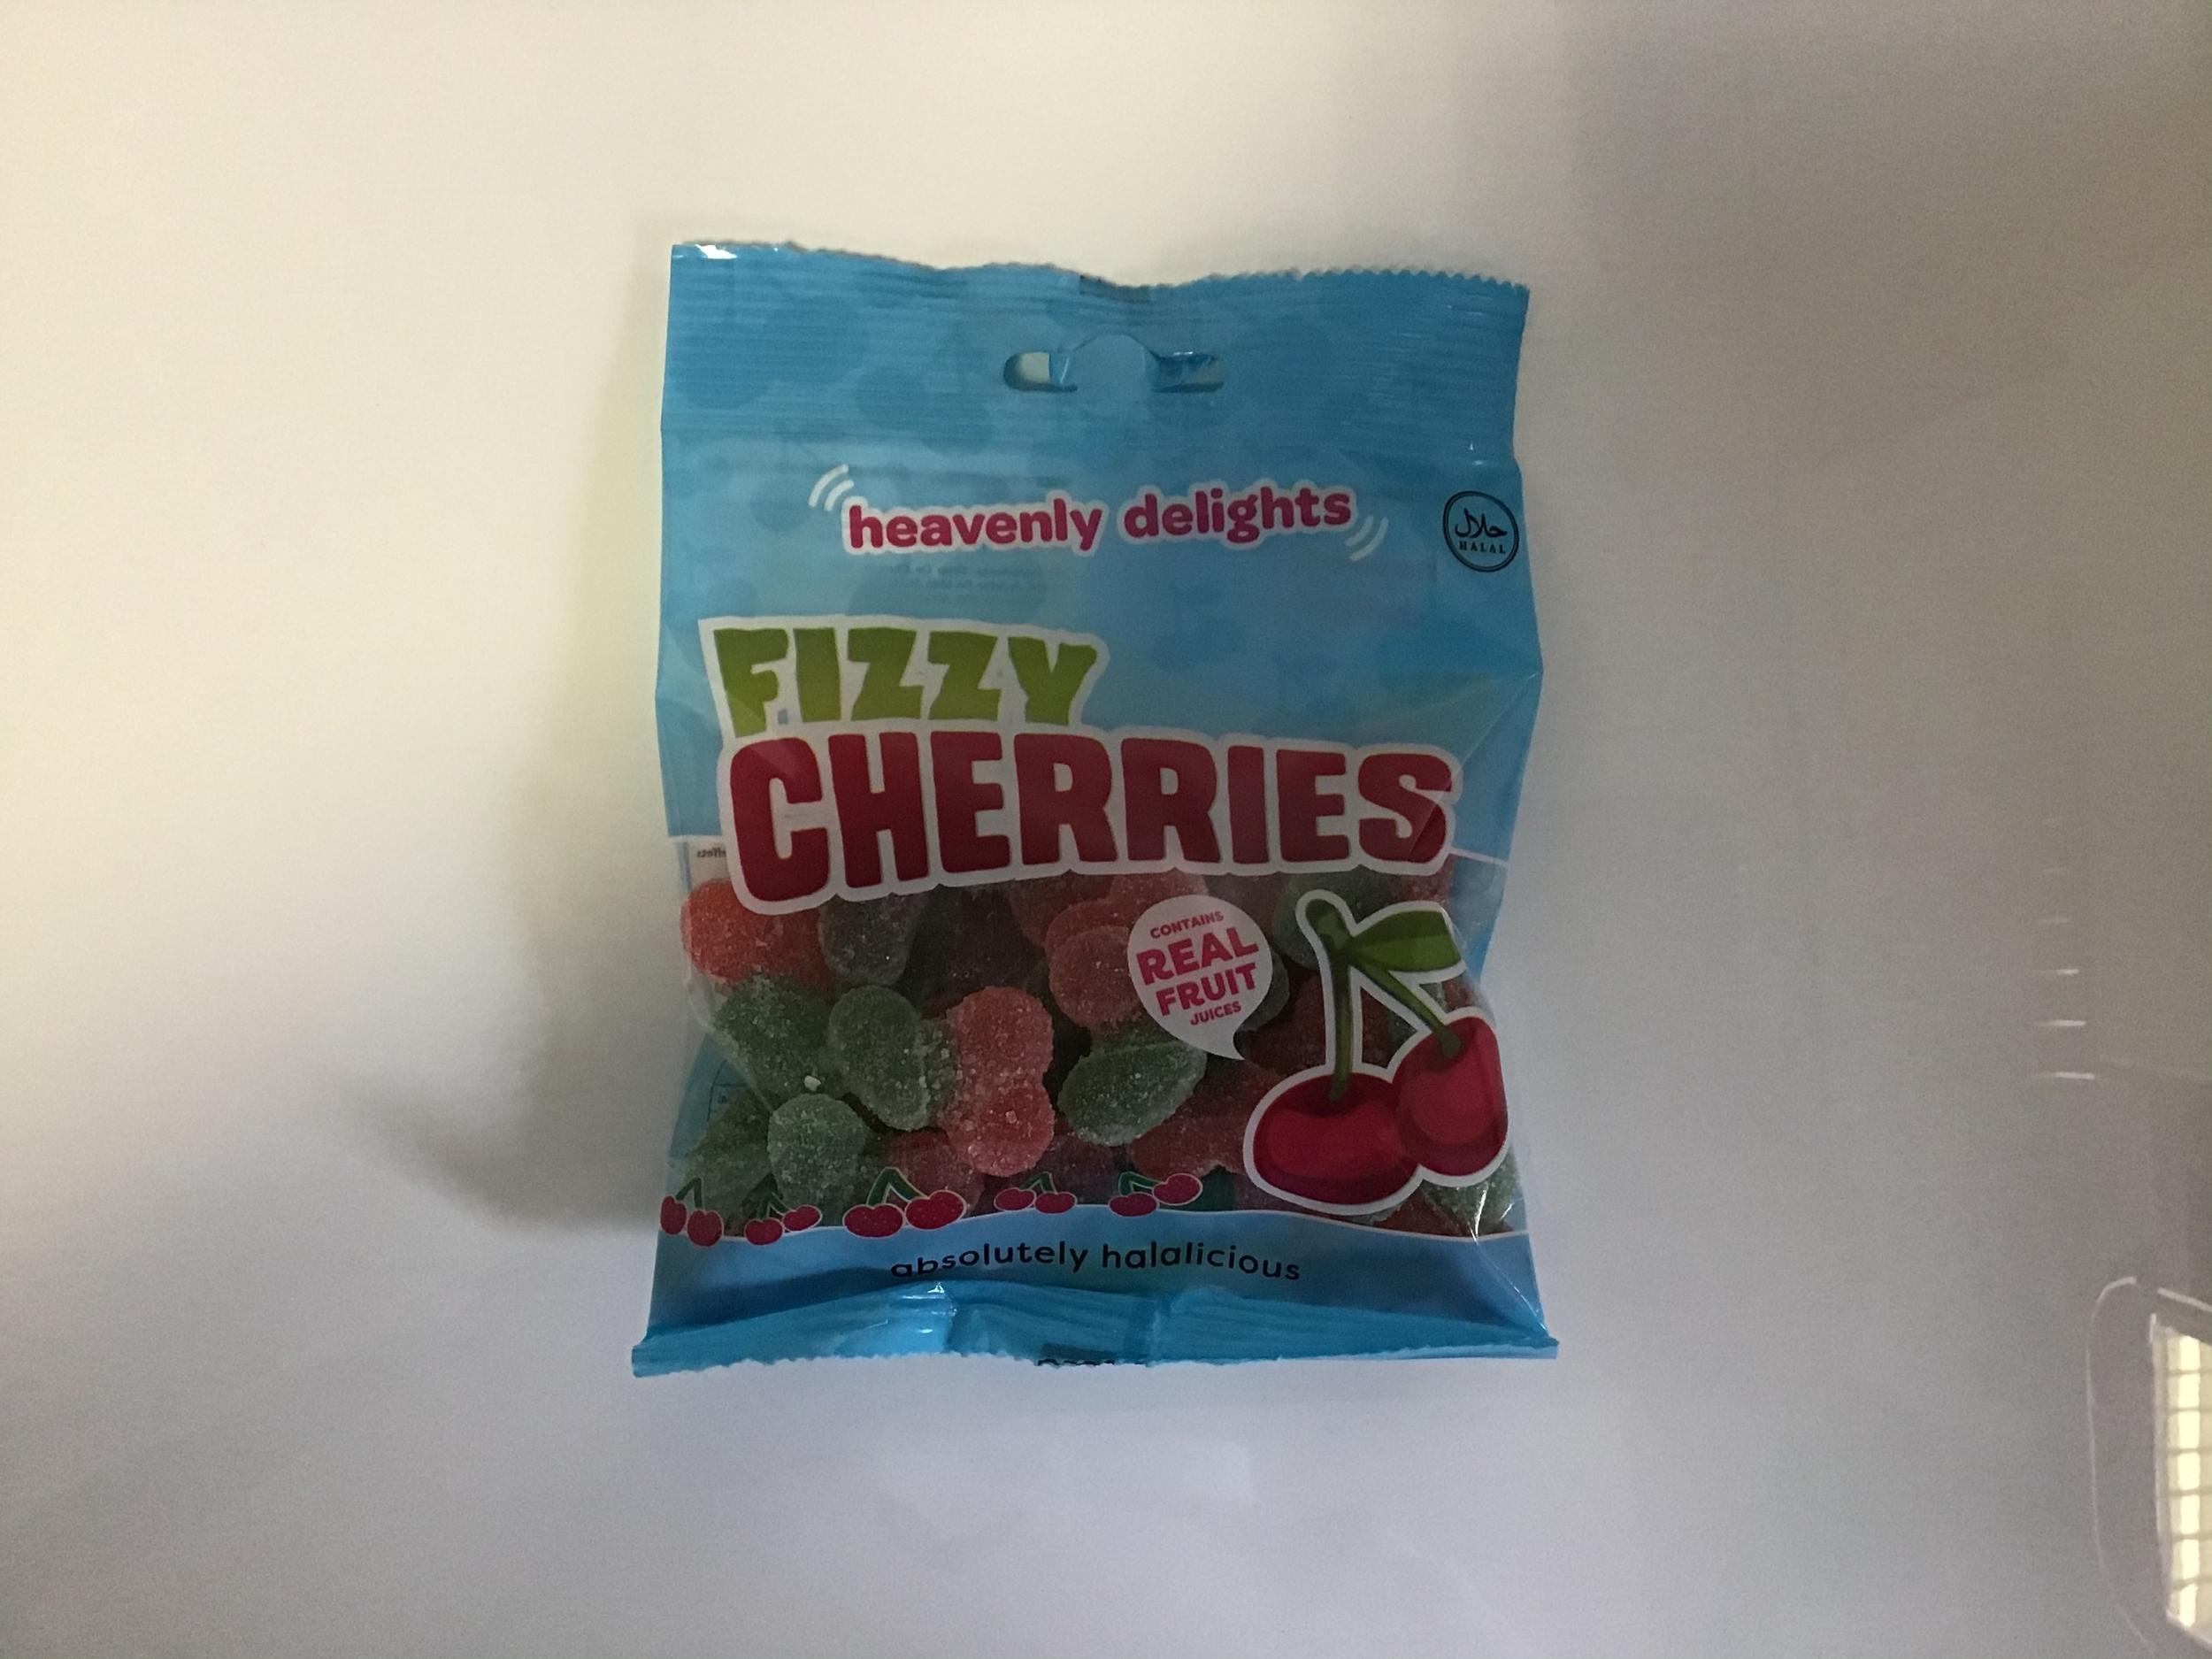 Bonbon halal fizzy cherries